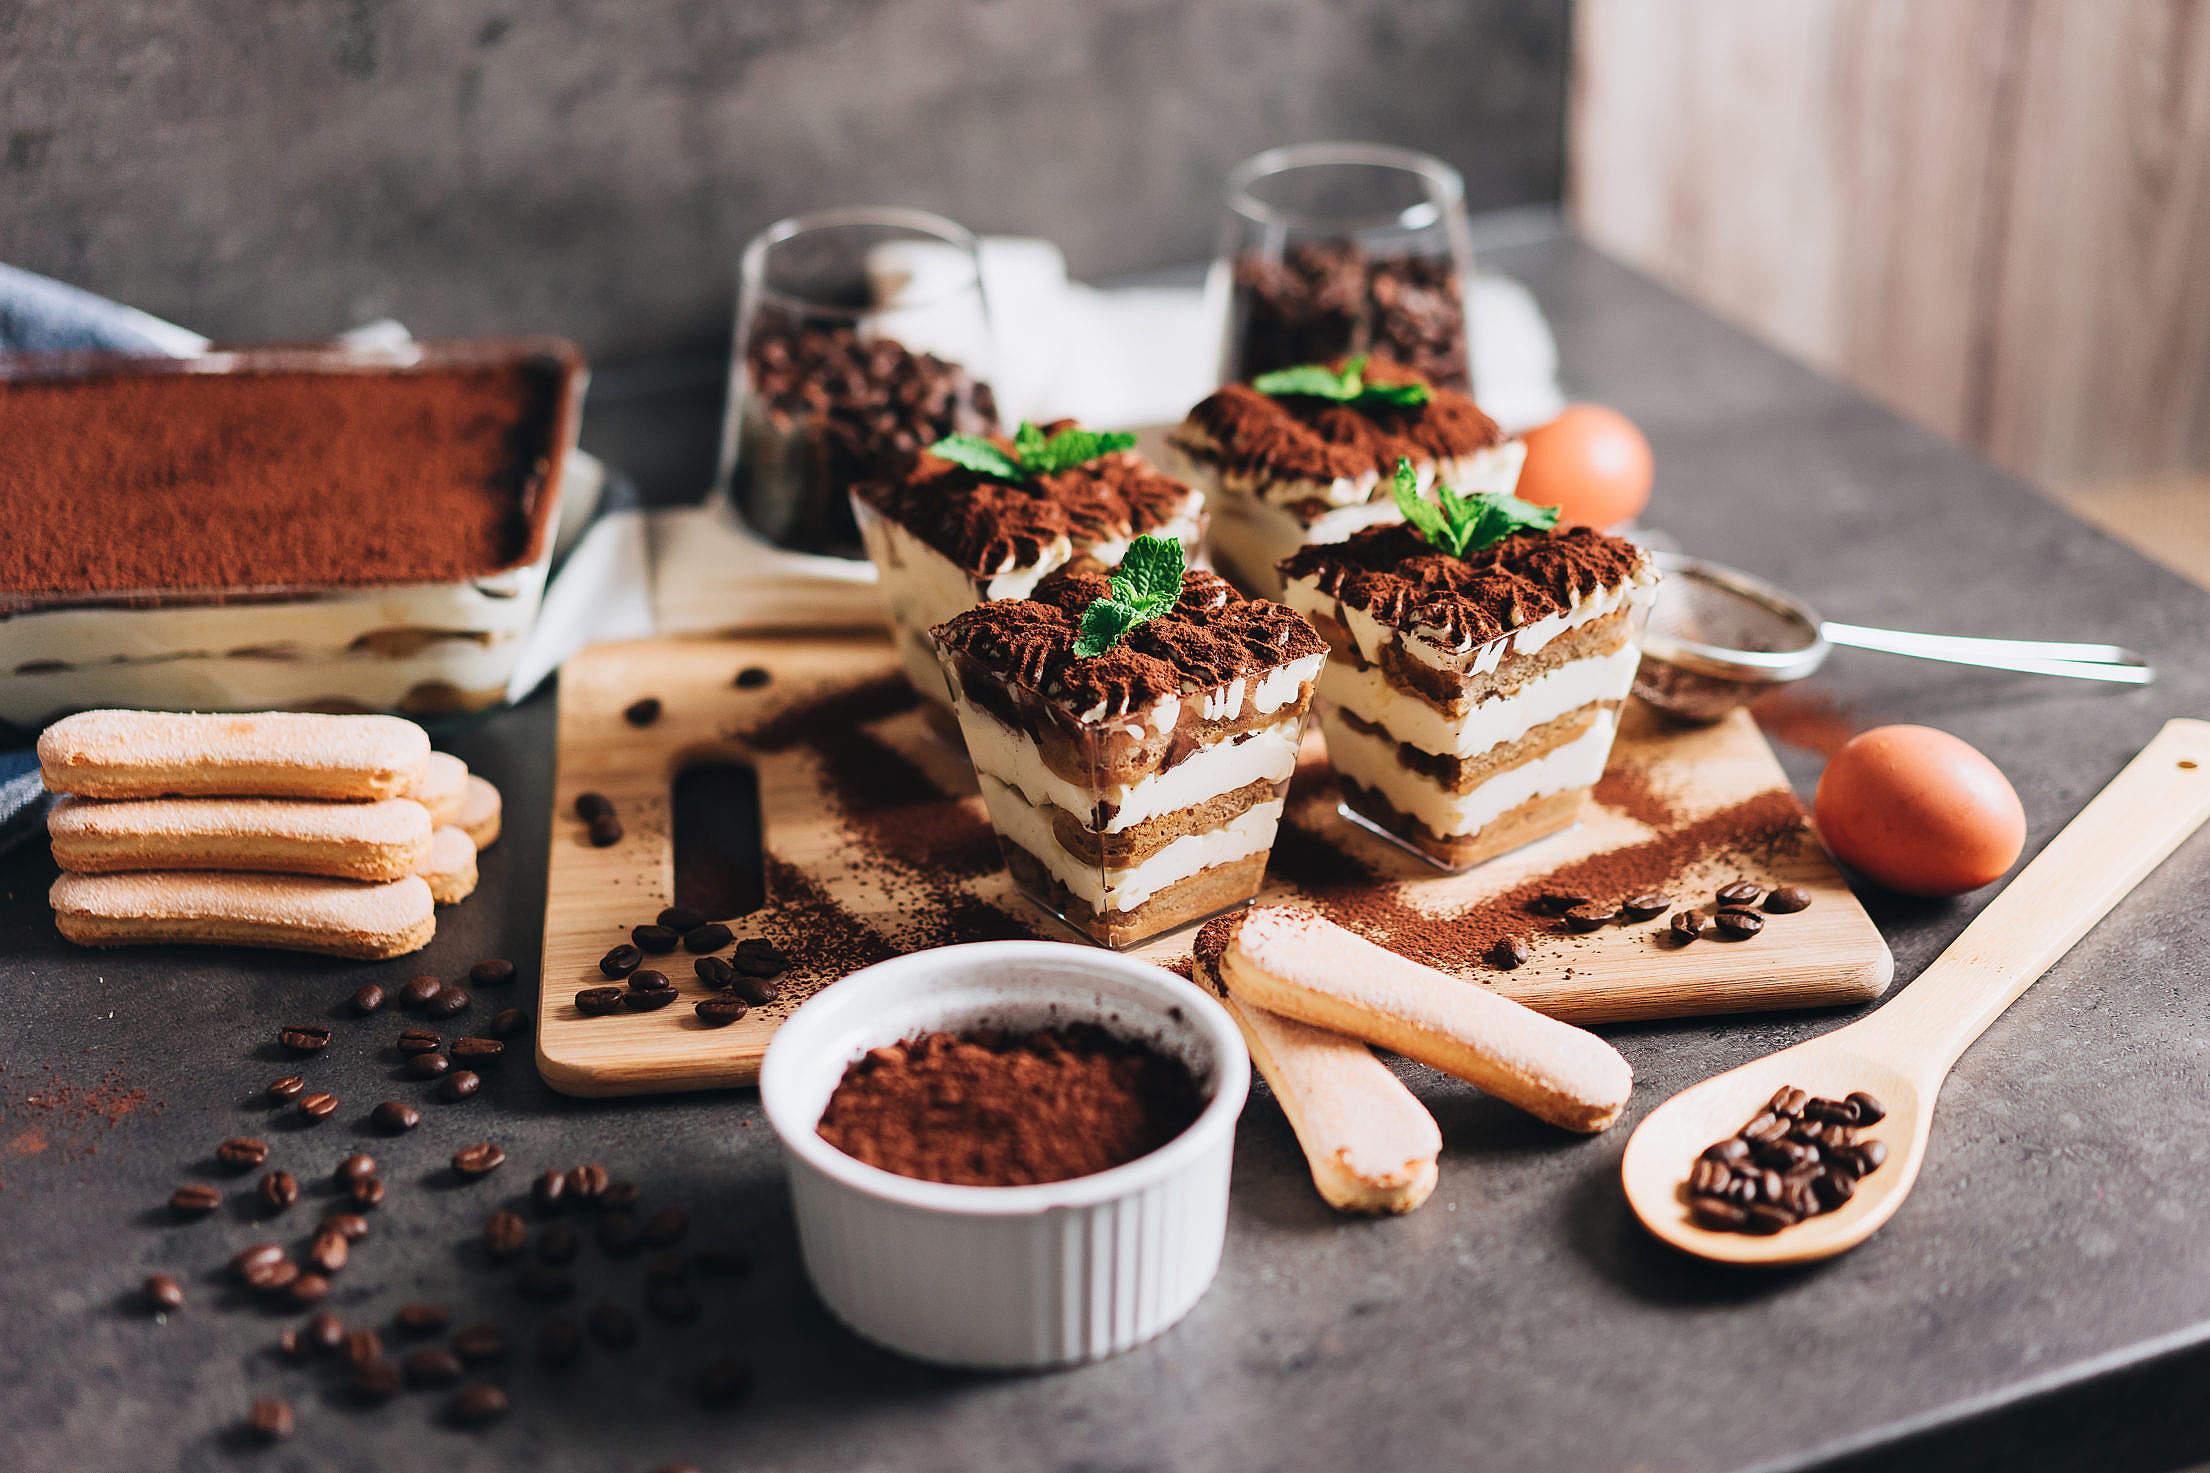 Homemade Dessert Tiramisu Served in Individual Glasses Free Stock Photo